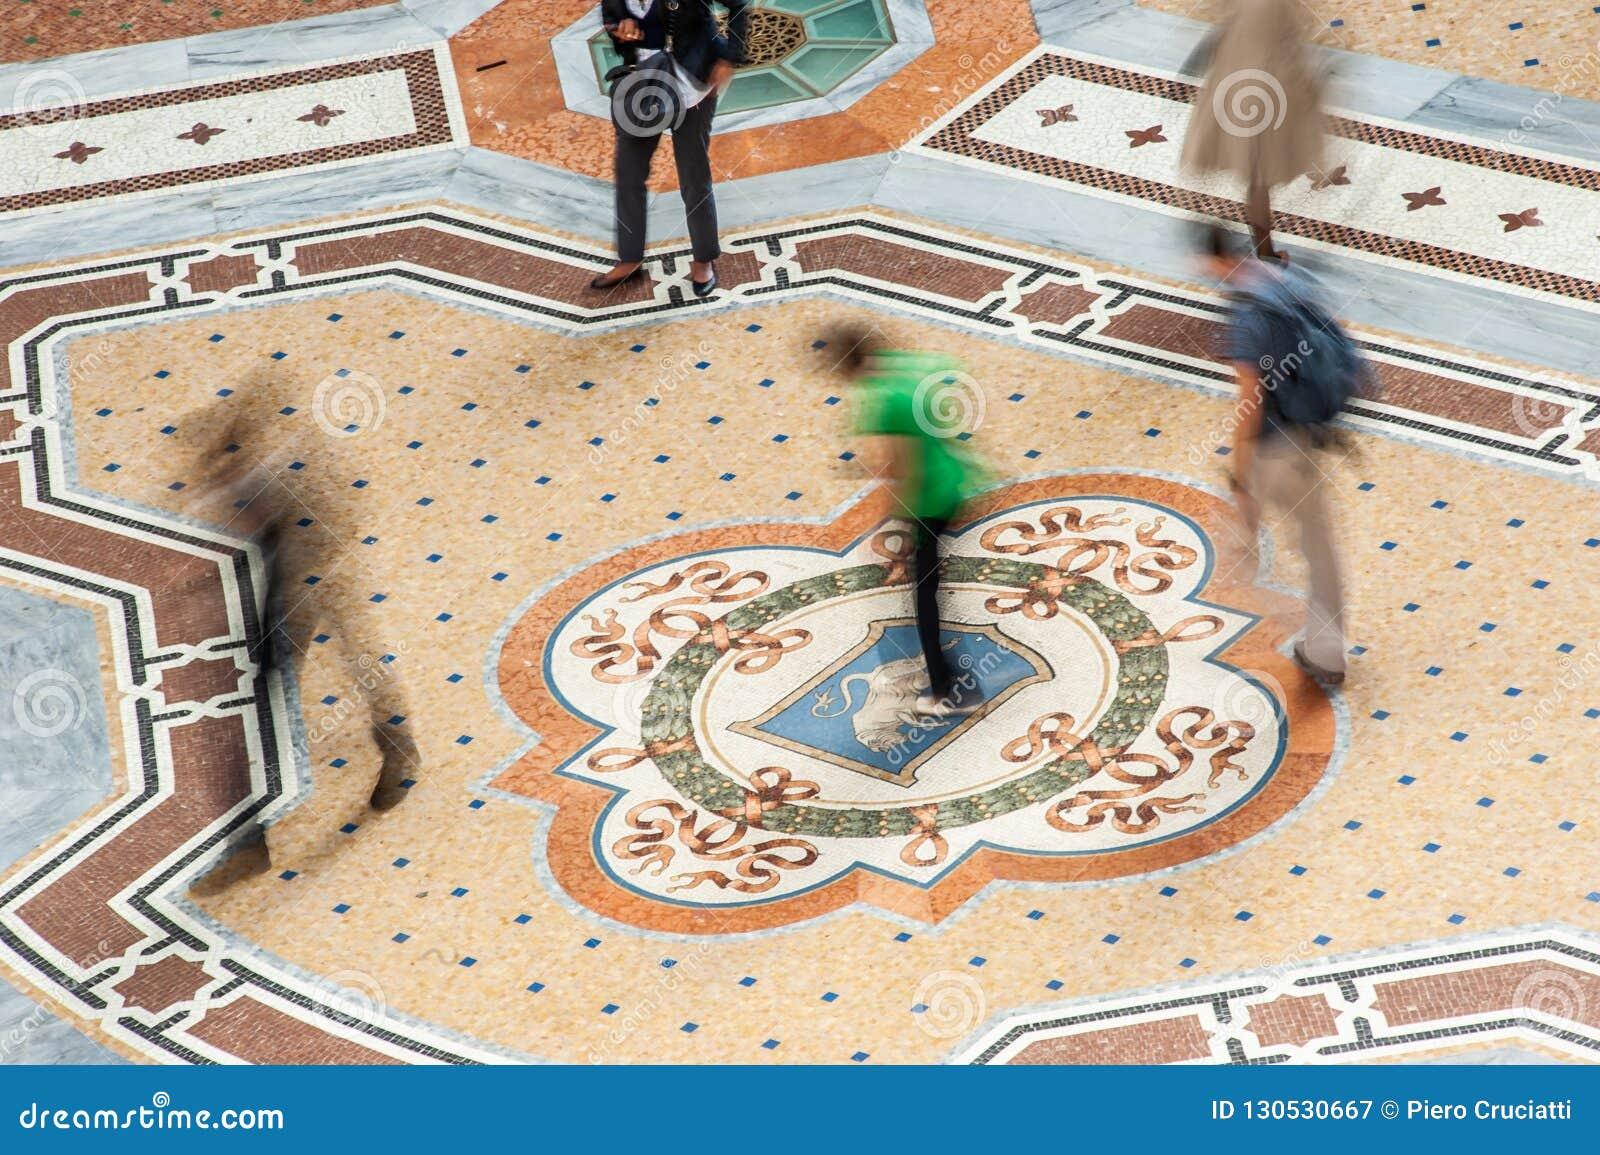 Περιστρέφοντας στους όρχεις του ταύρου Galleria Vittorio Emanuele ΙΙ στο Μιλάνο, Ιταλία